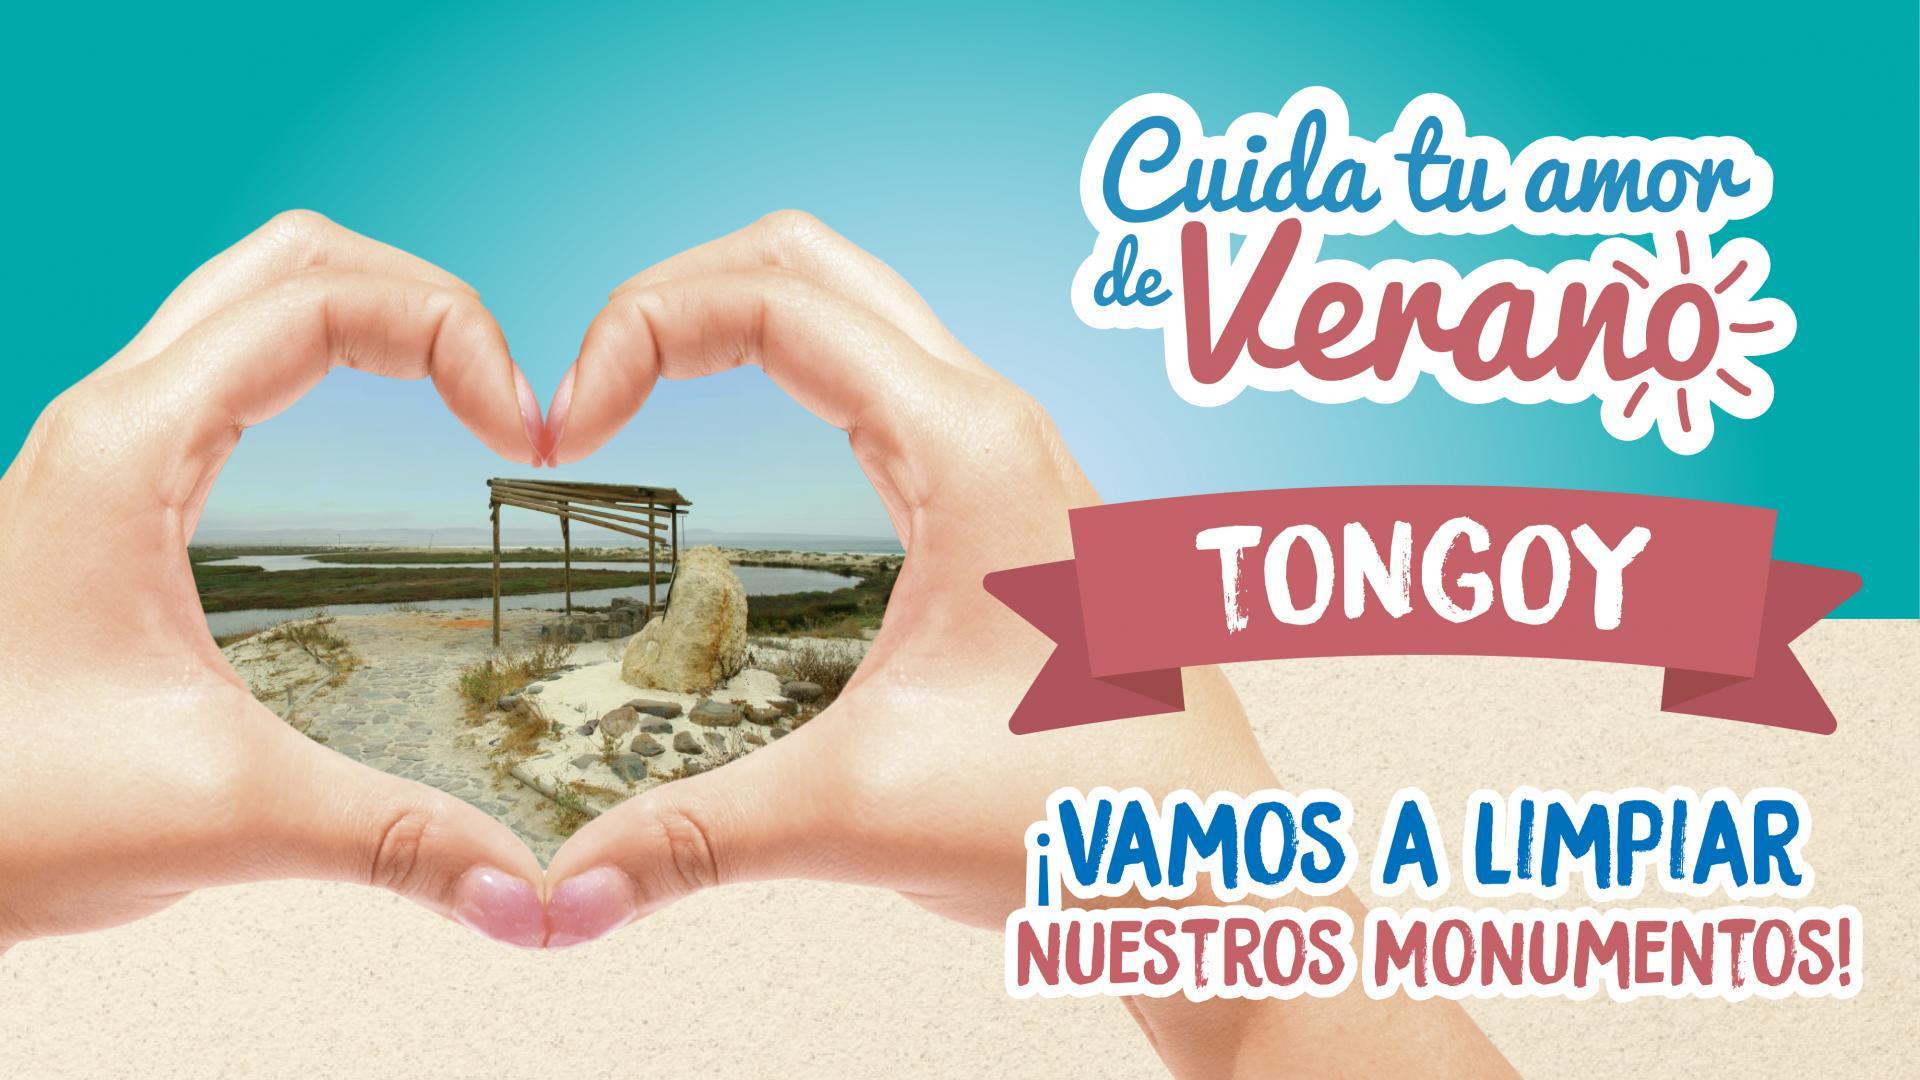 Imagen de Limpieza de sector Salinas chica - Tongoy